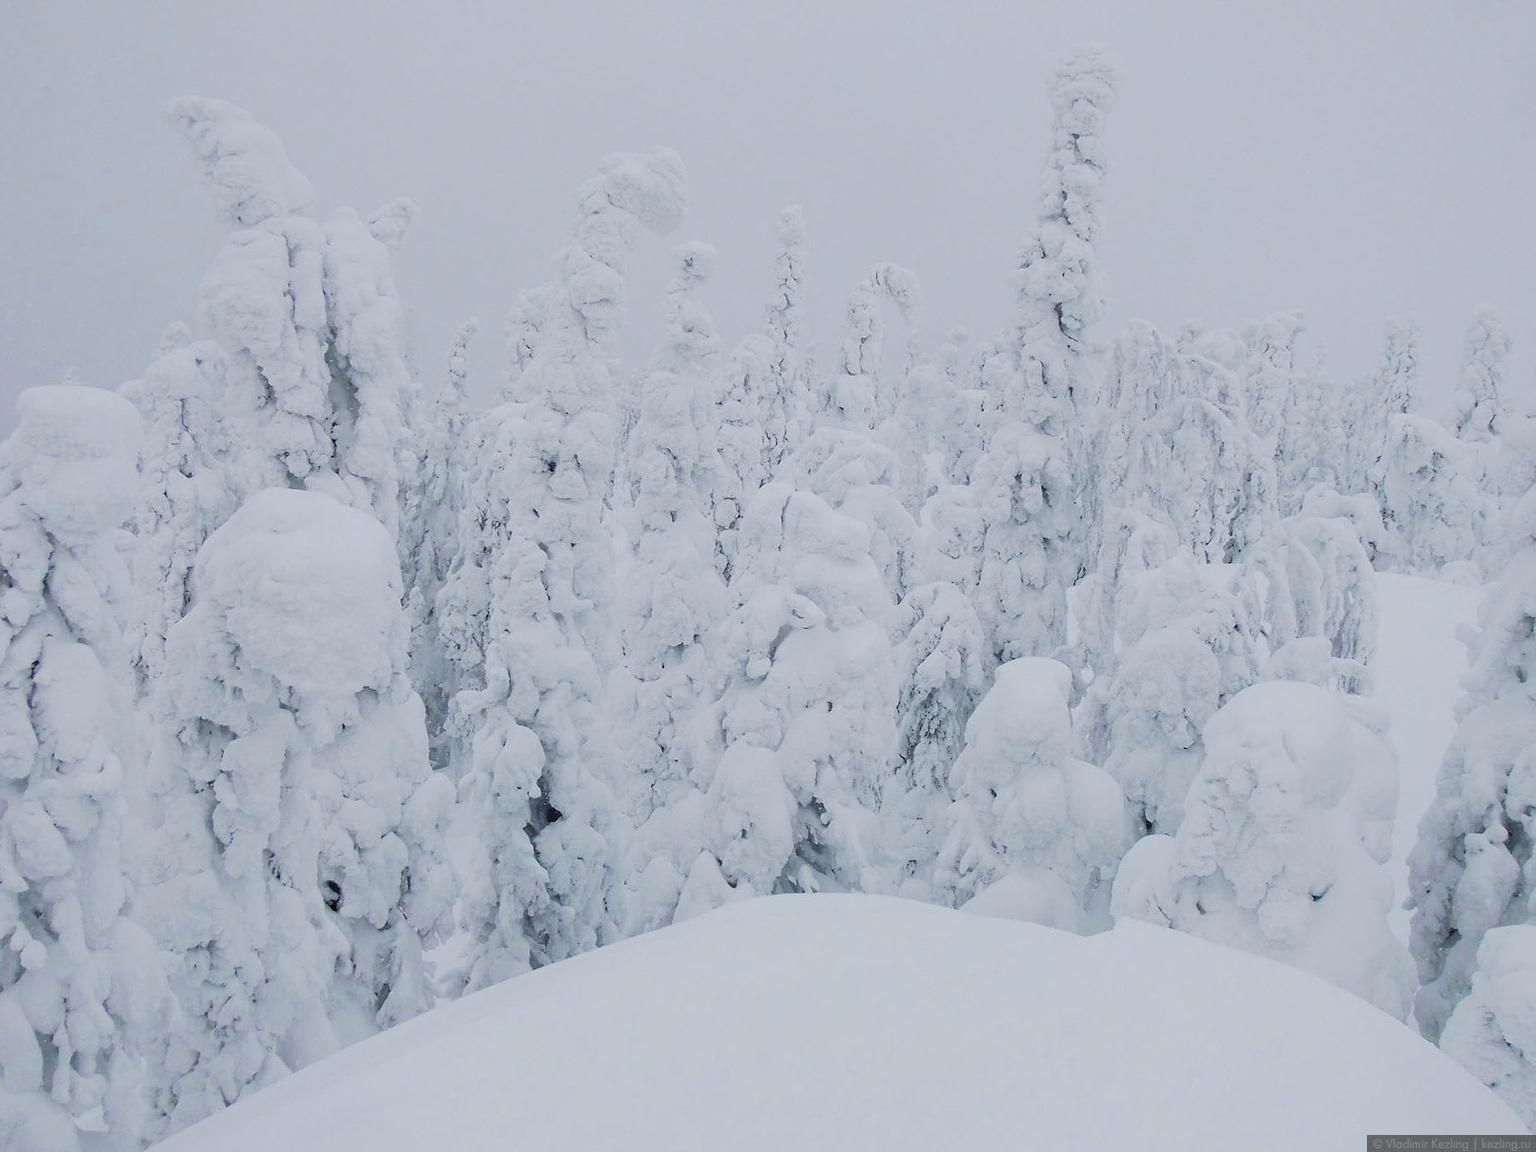 Via Karelia. Национальный парк «Коли» зимой